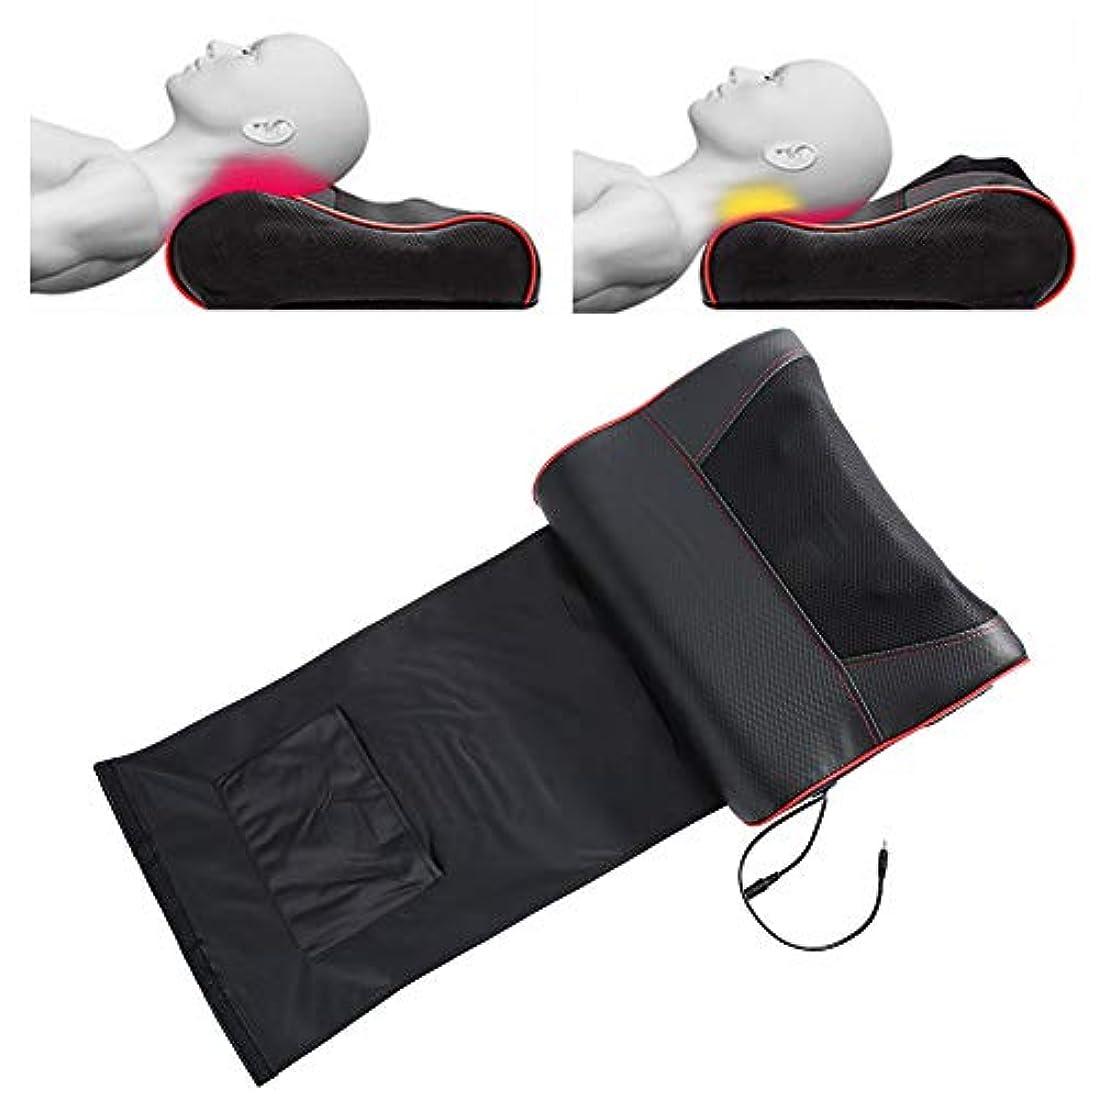 バンドホーン爬虫類頸部マッサージ枕、多機能マッサージ枕、灸ホットコンプレックスネックウエストショルダーマッサージ用全身筋肉痛(US-Plug)